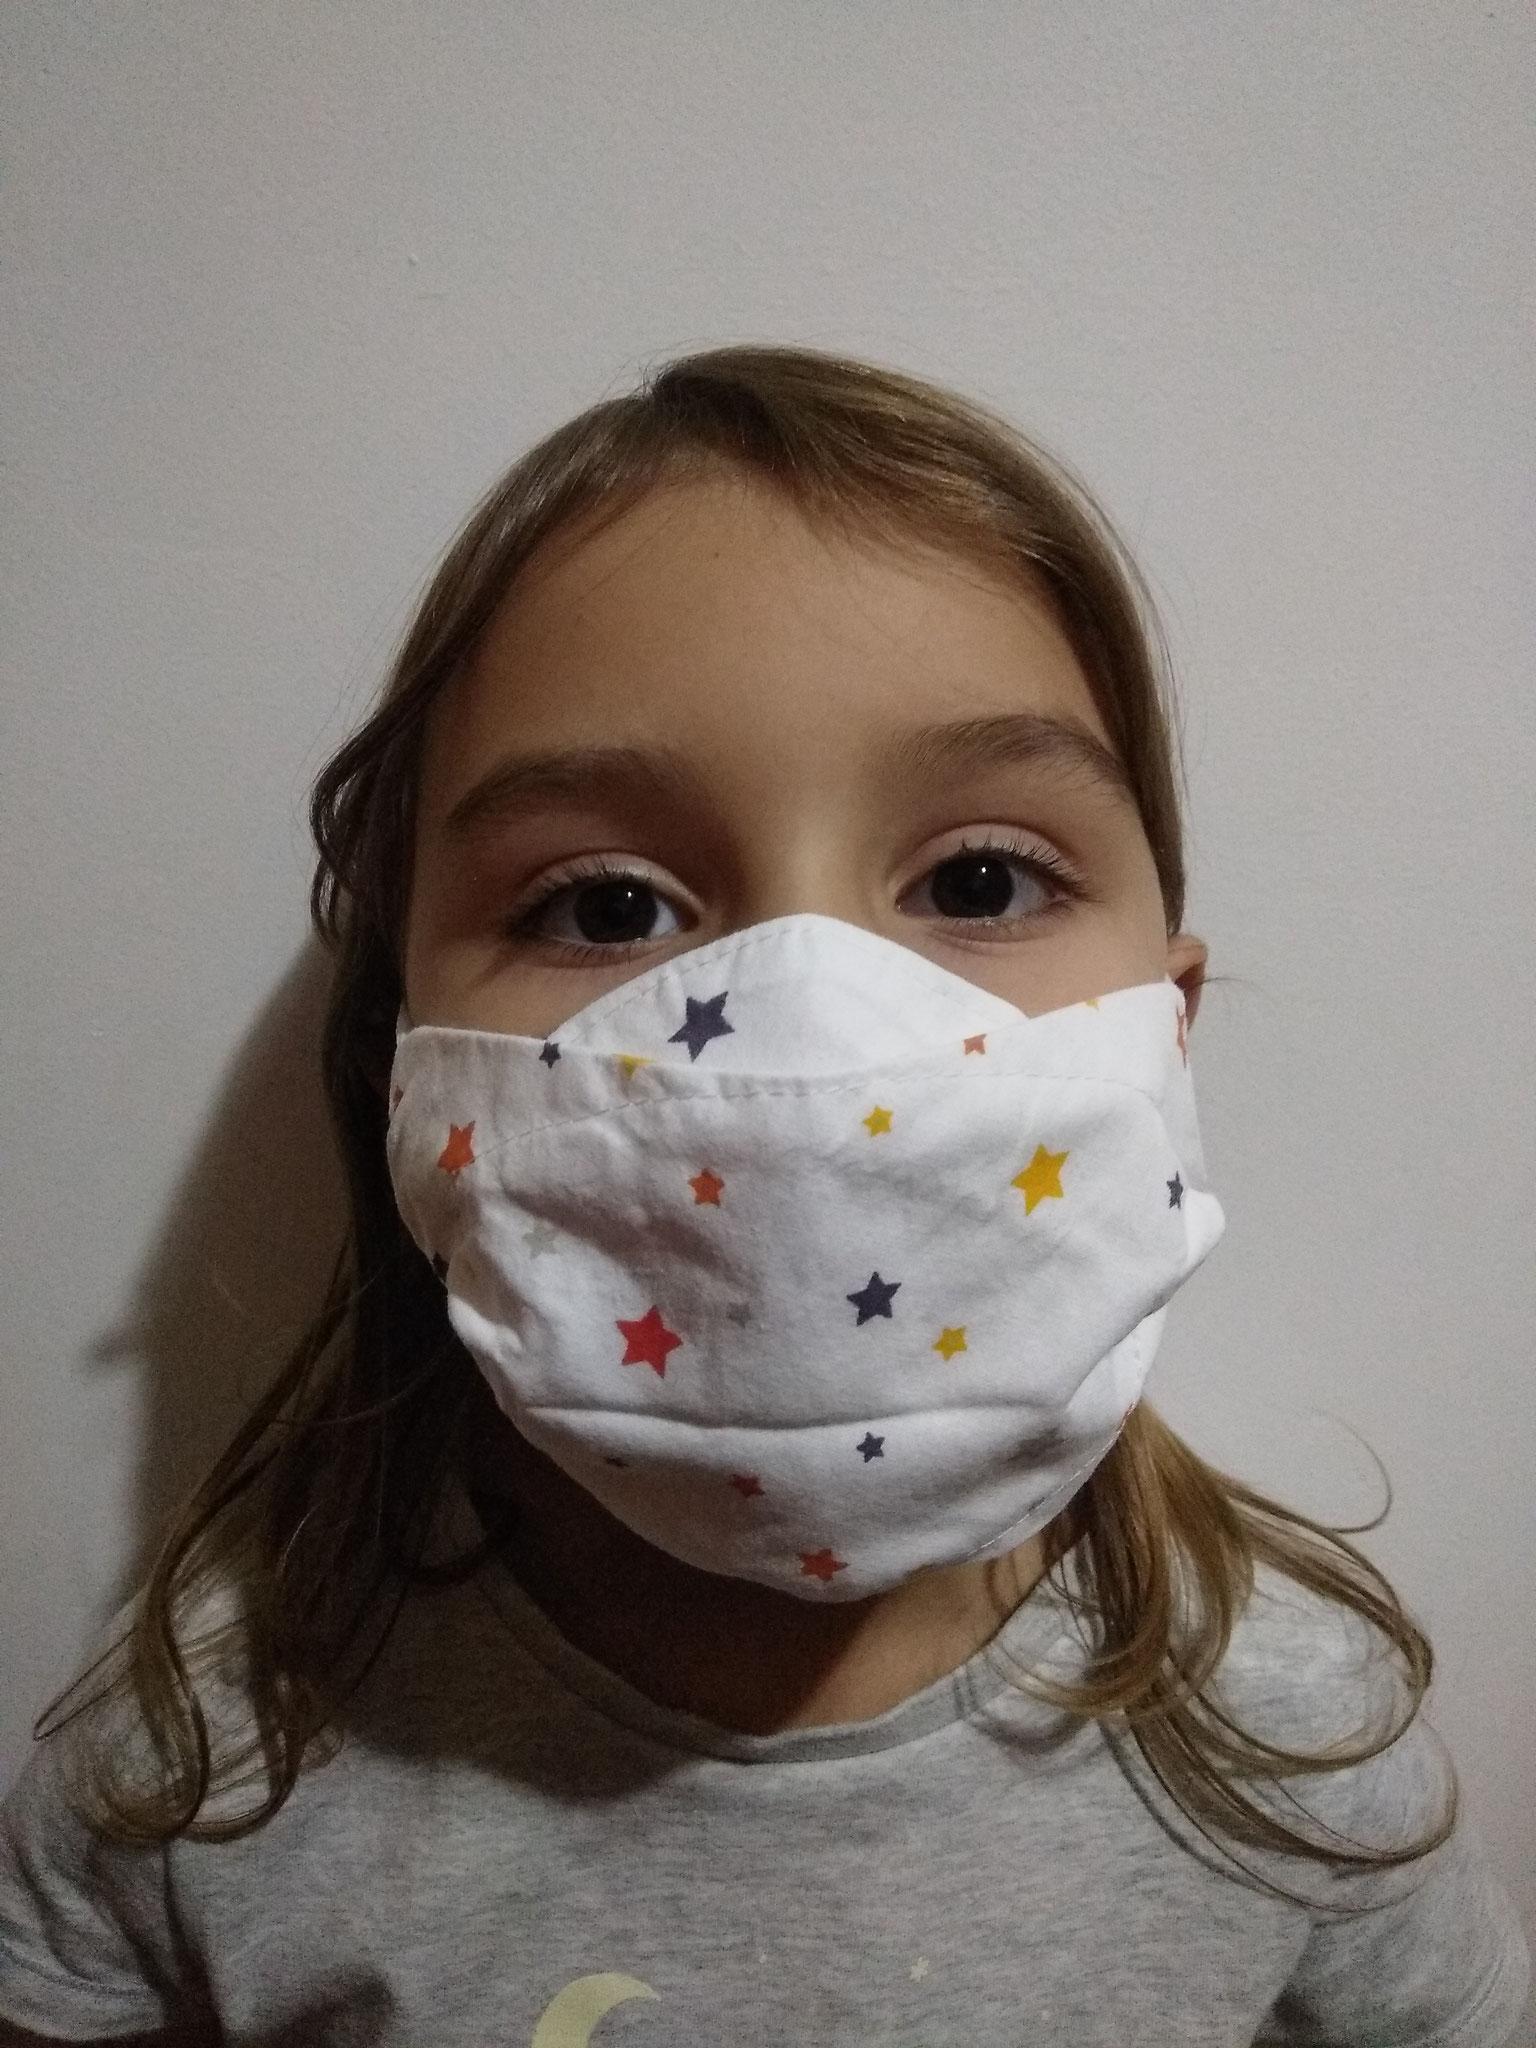 Masque AMÉLIORÉ ENFANT sur enfant de 5 ans